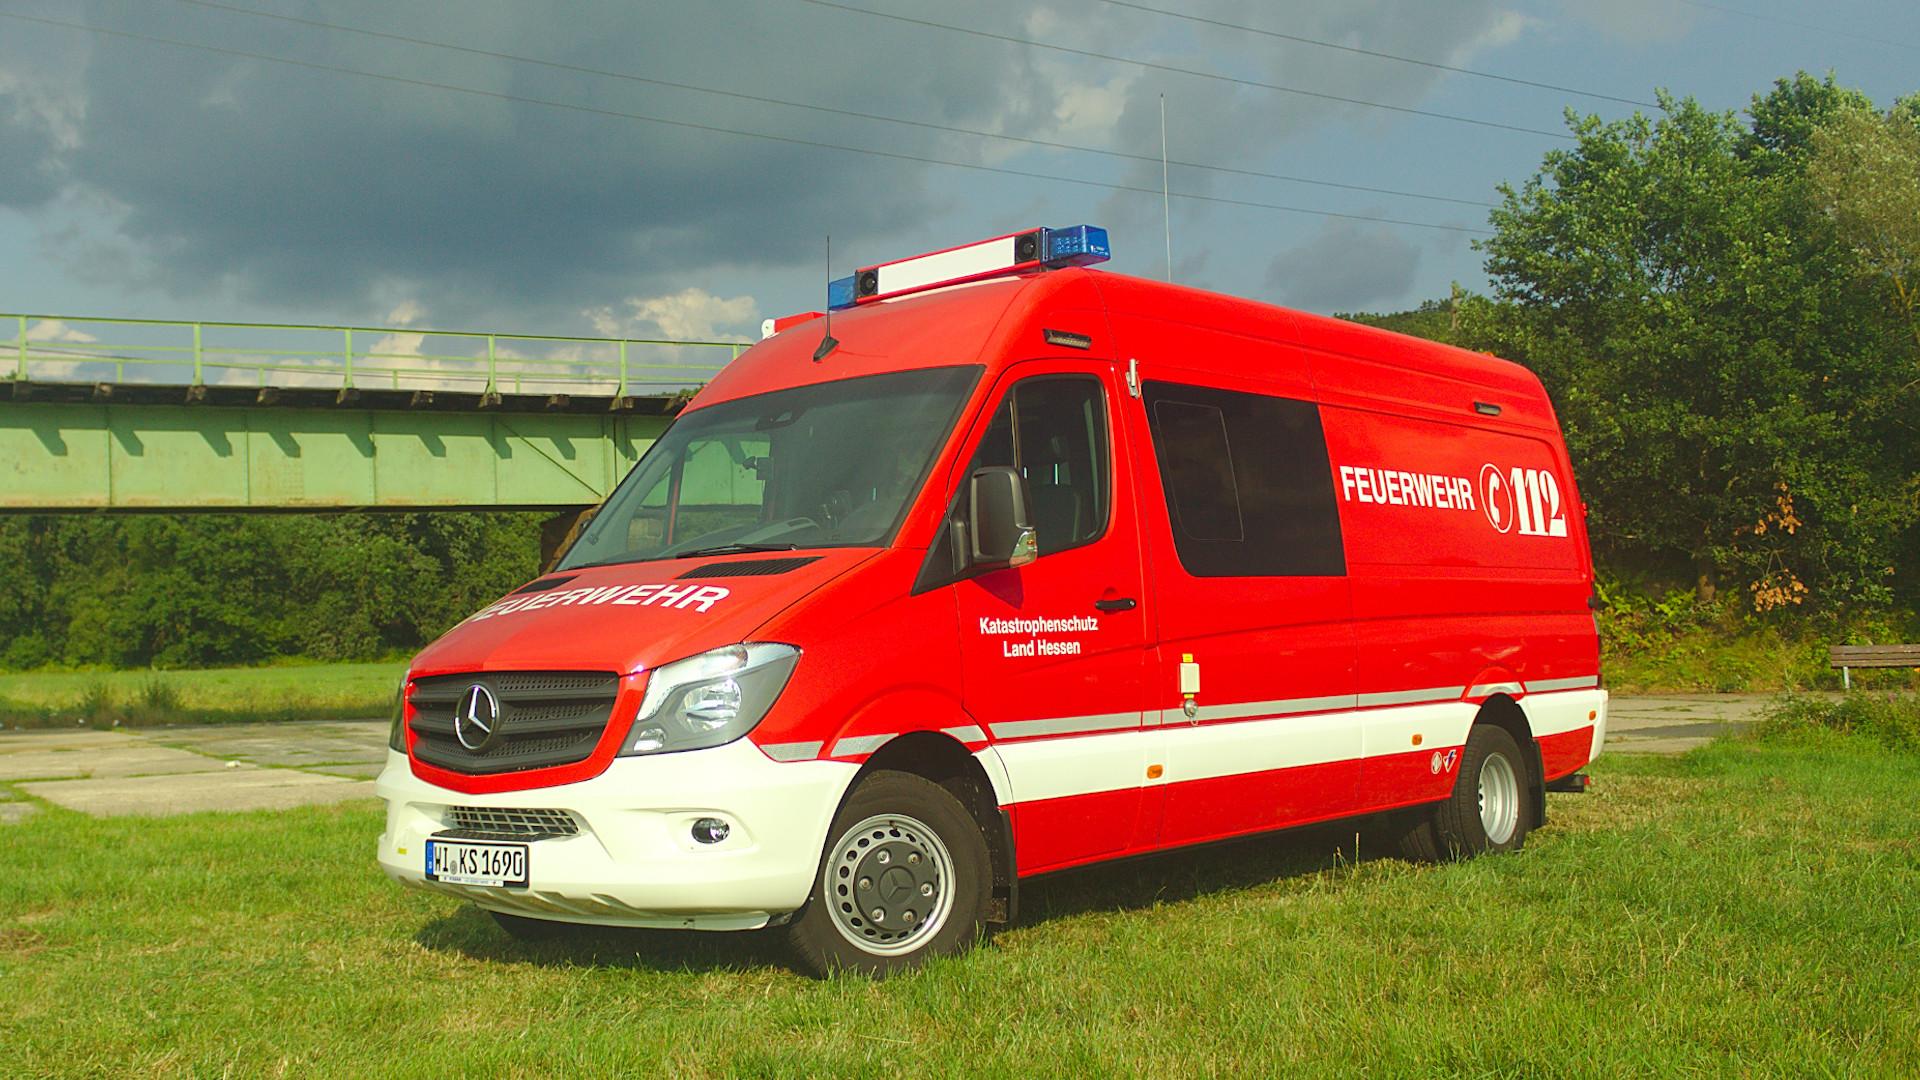 ABC-Erkundungswagen des Landes Hessen